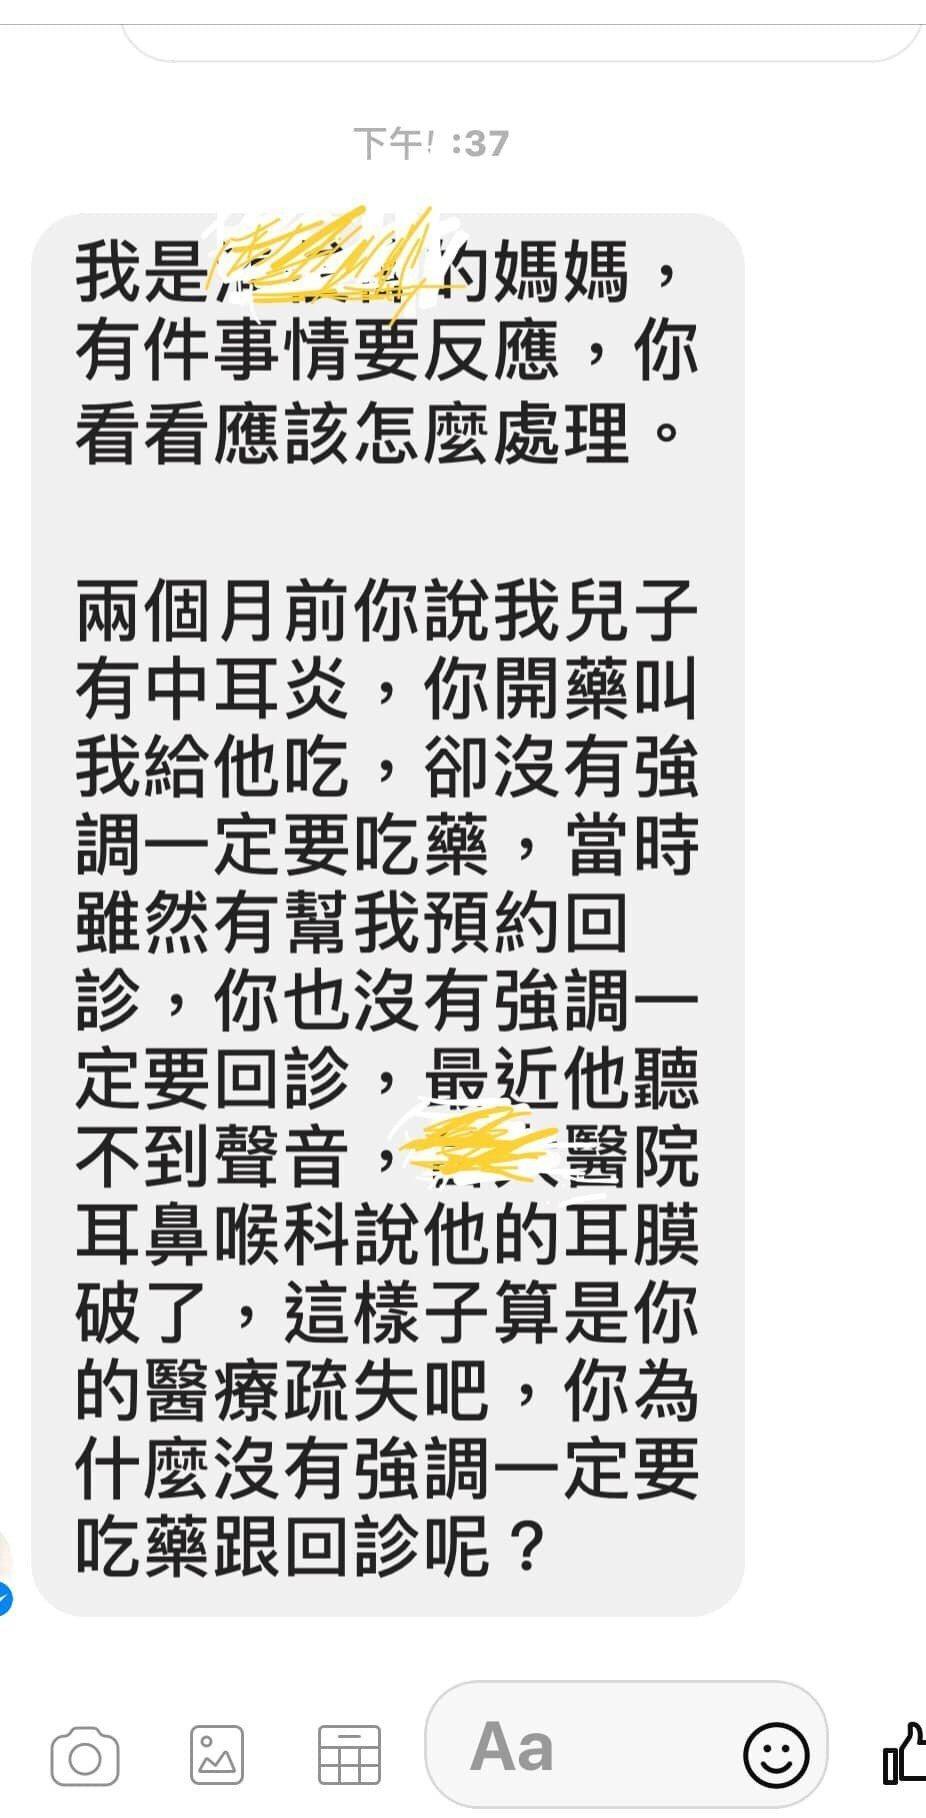 兒科醫師陳木榮貼出家長的私訊。圖/取自柚子醫師的育兒診療室臉書粉專